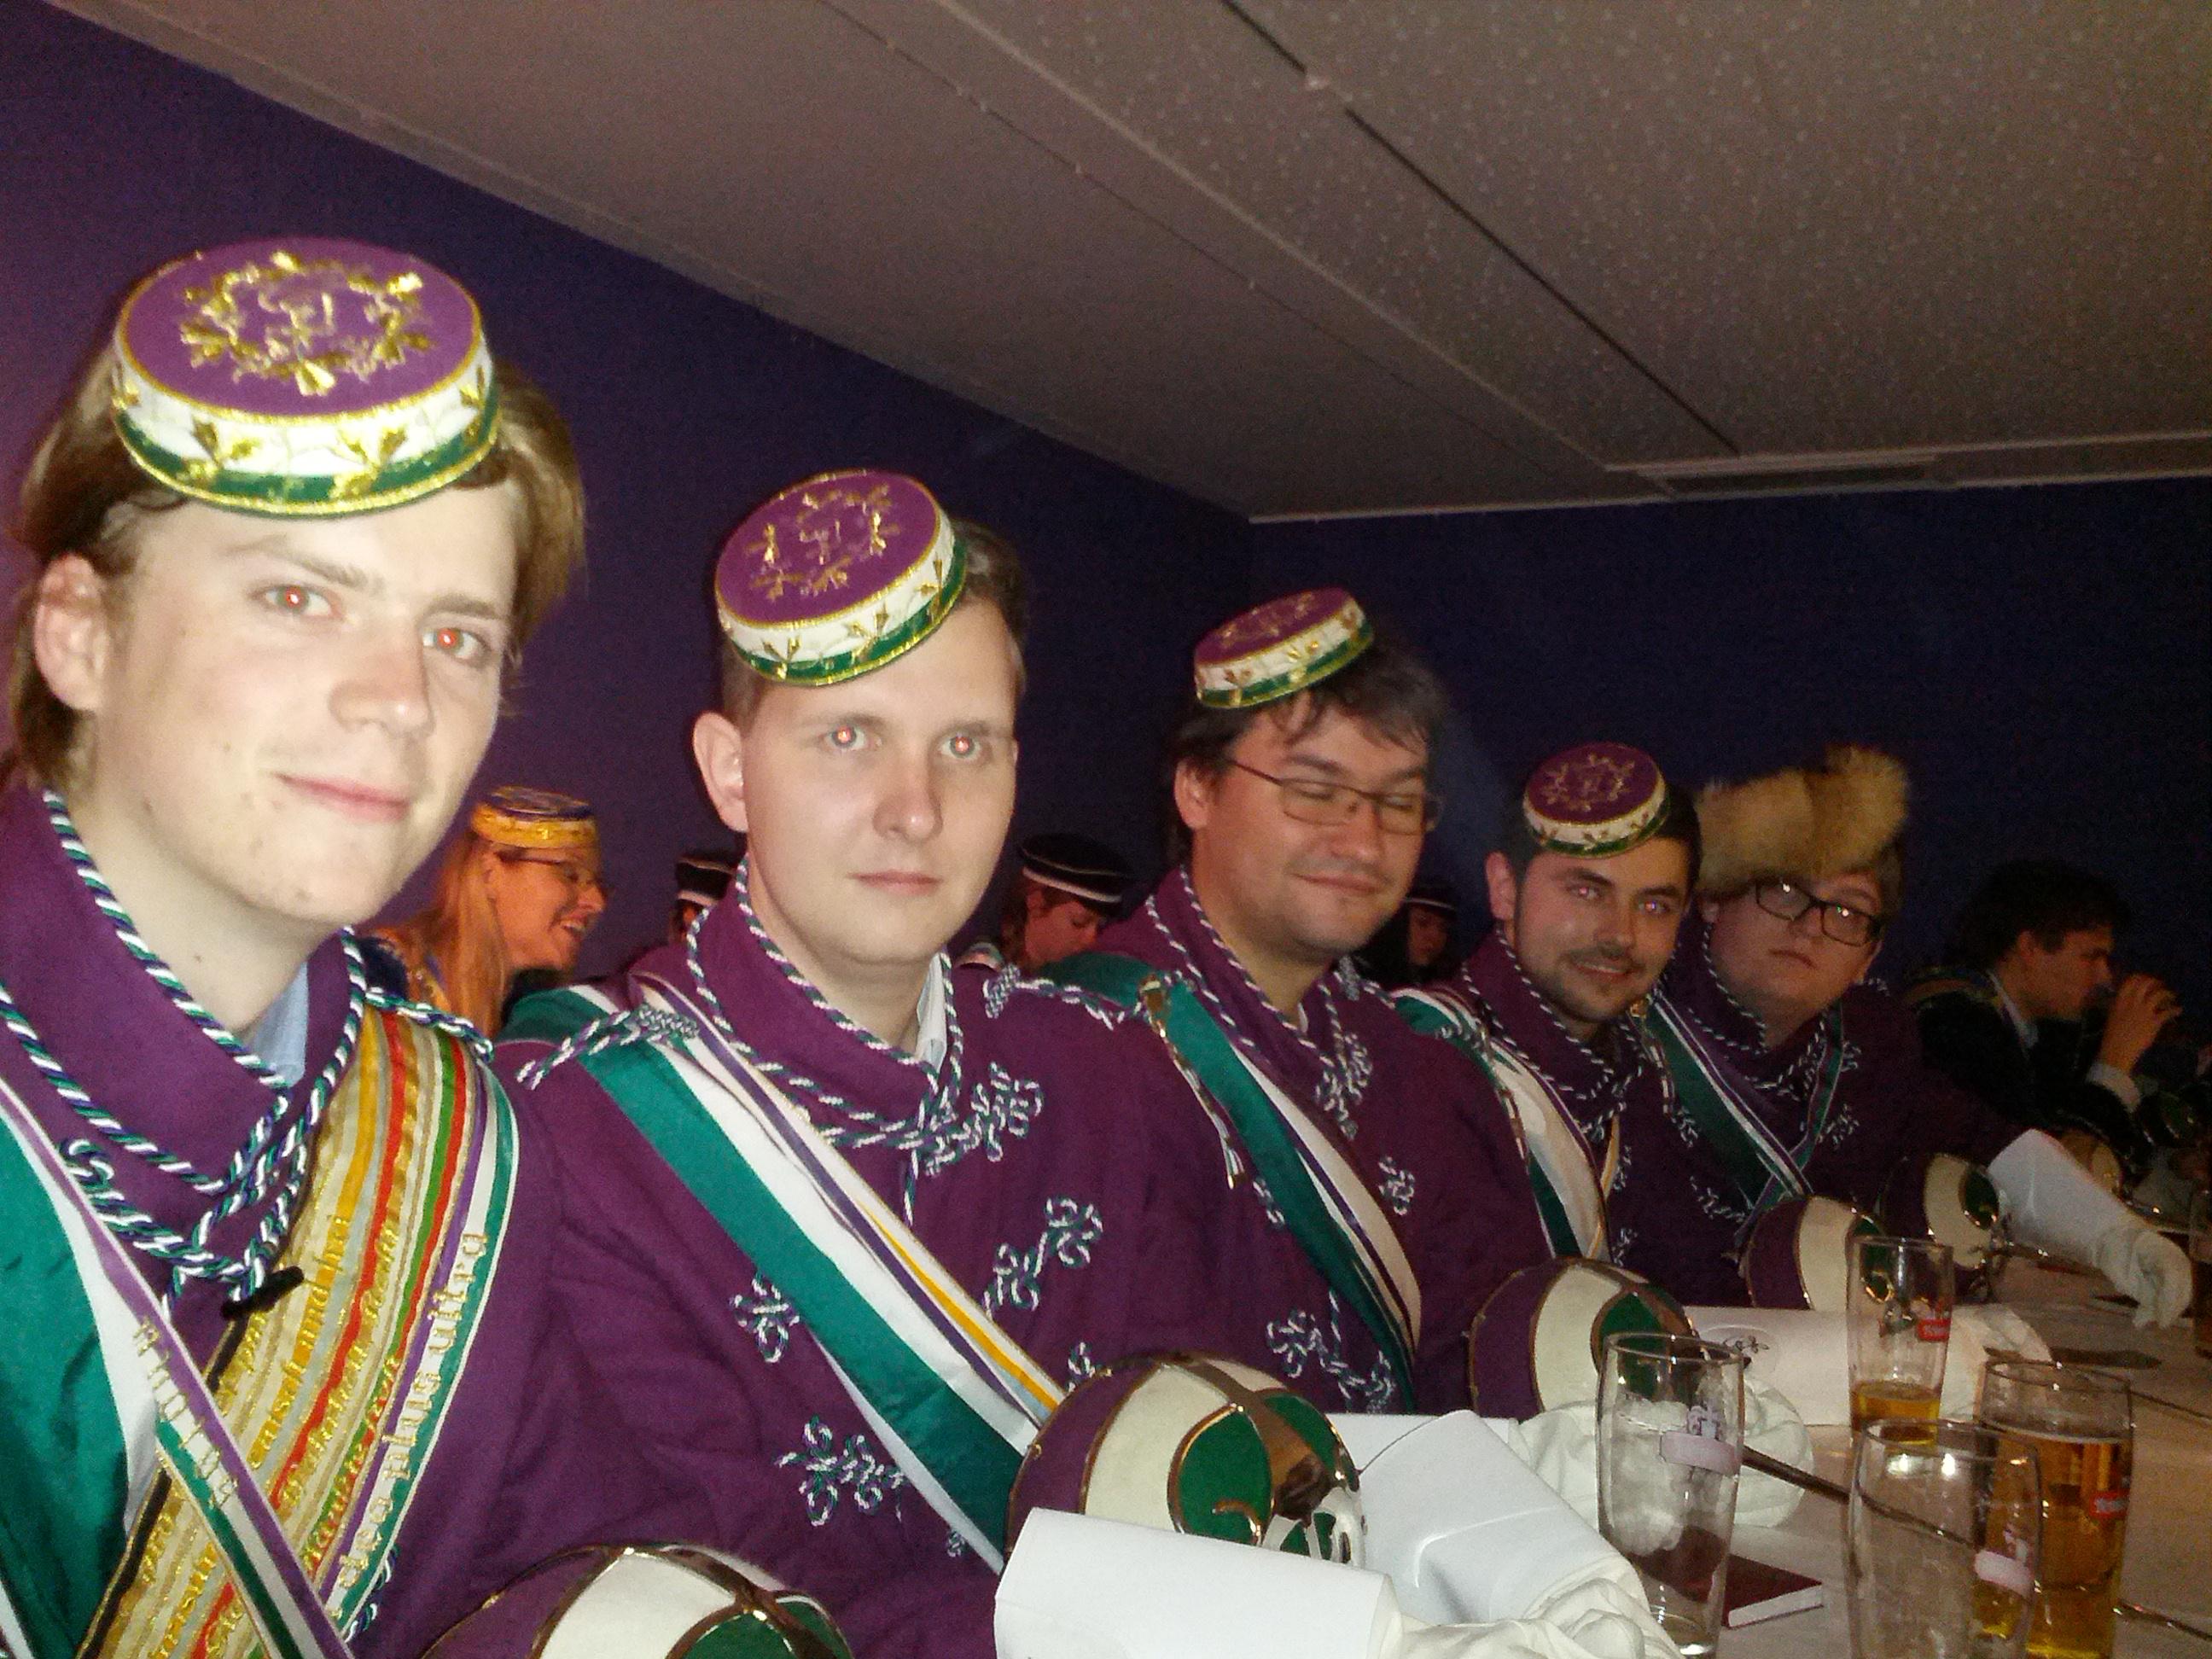 Die Delegation der Erasmus am 52. Stiftungsfest der Albertina. Nicht im Bild Bbr. Dexter